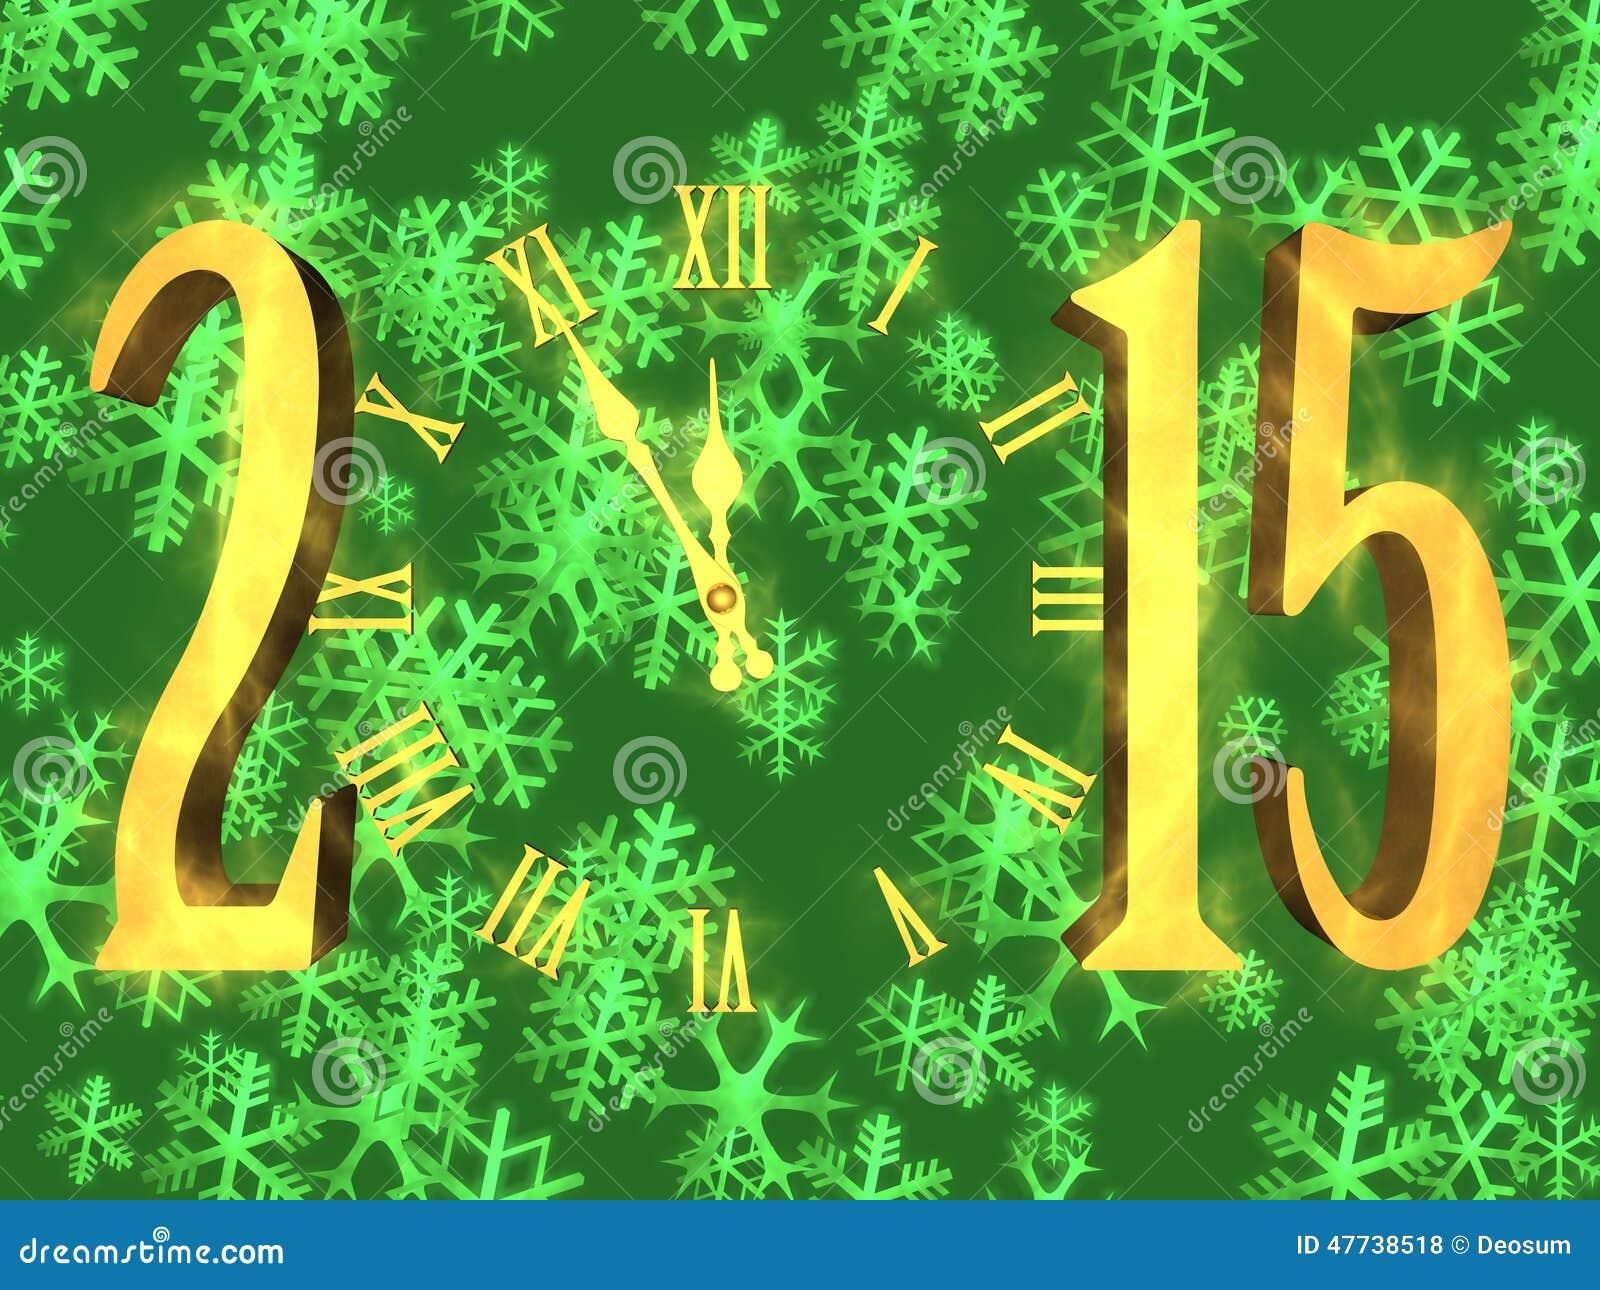 Guten Rutsch Ins Neue Jahr 2015 Grüßend - Uhr Und Schneeflocken ...